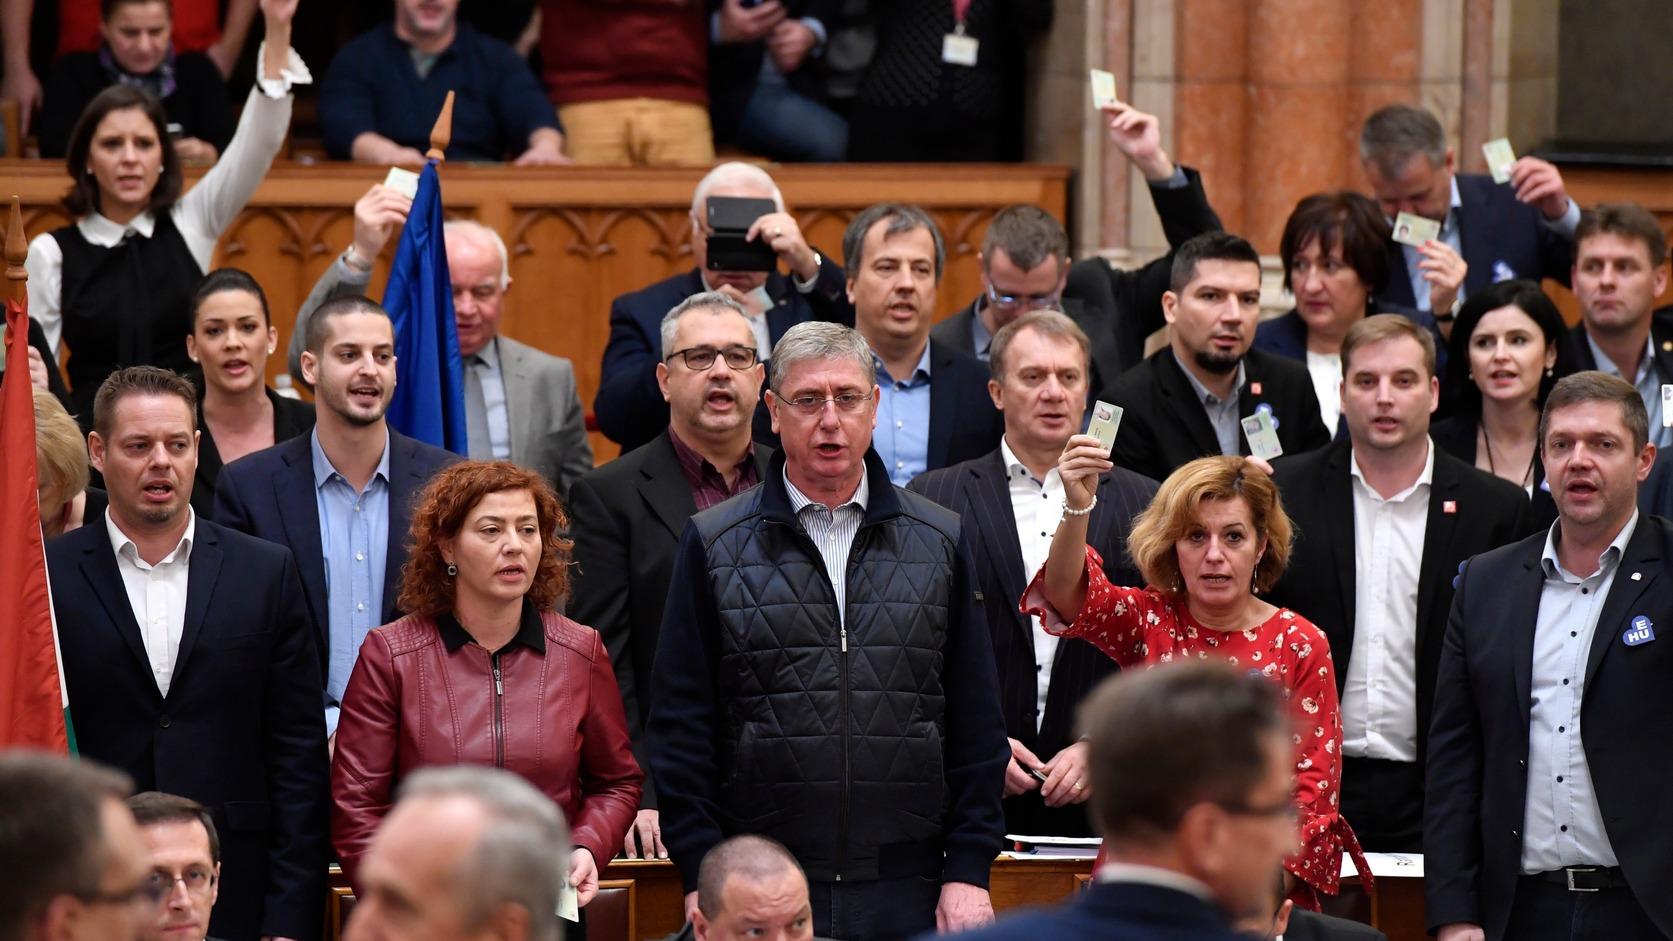 Corona-Maßnahmen: Opposition will außerordentliche Sitzung im Parlament